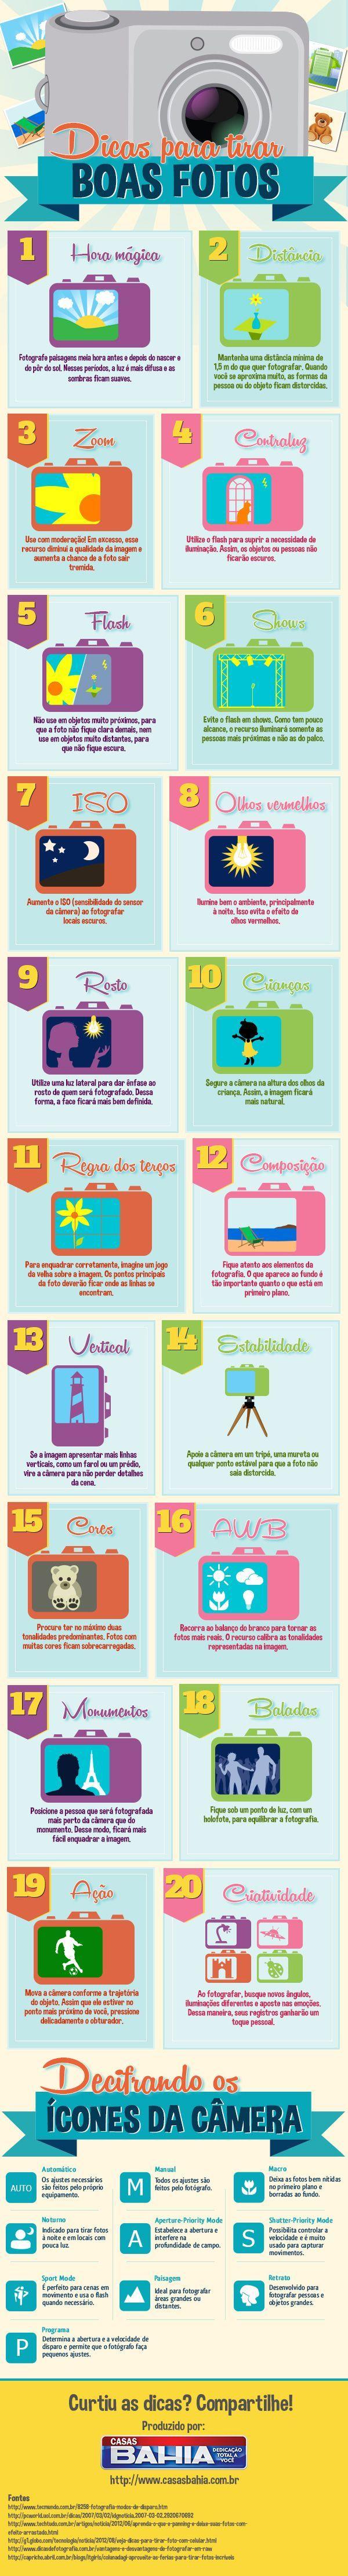 Infográfico - 20 dicas para tirar fotos legais: